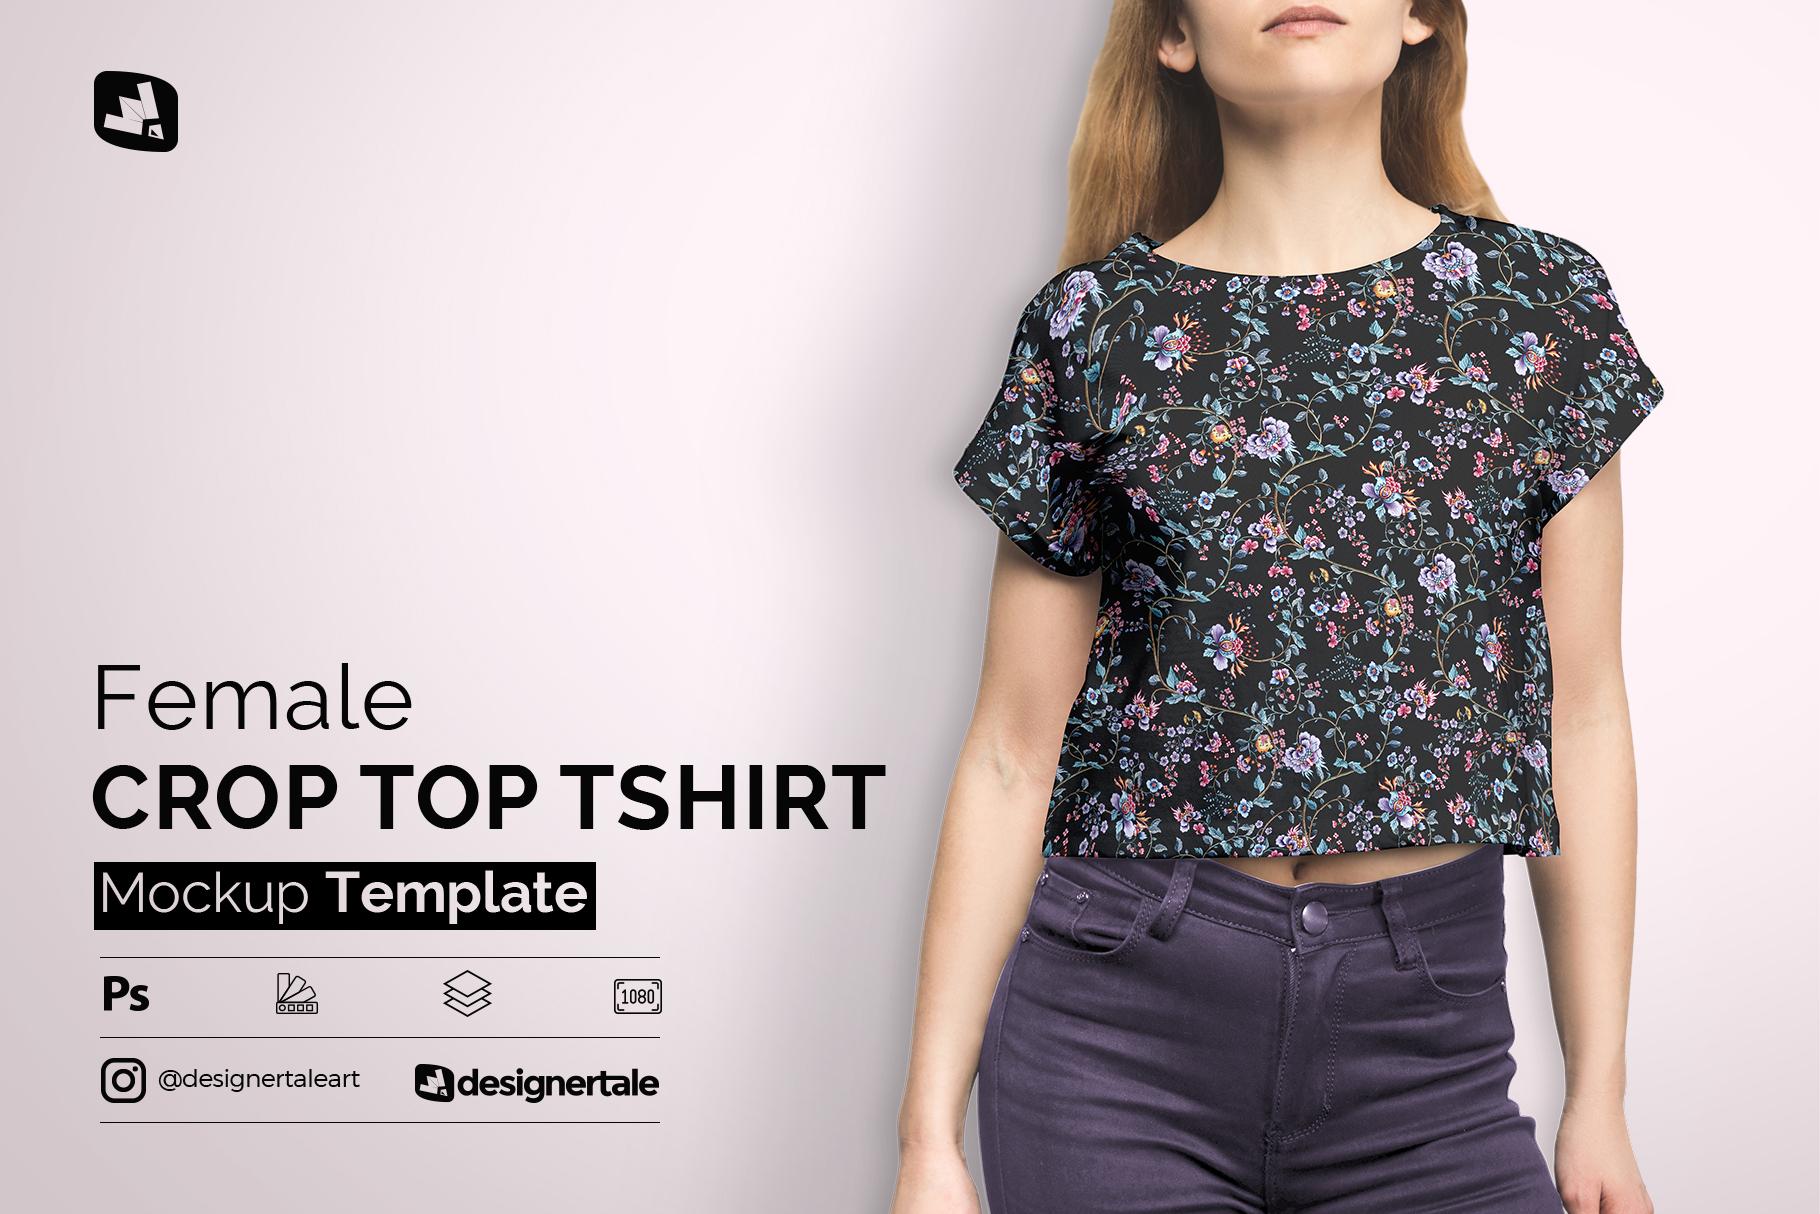 female crop top tshirt mockup